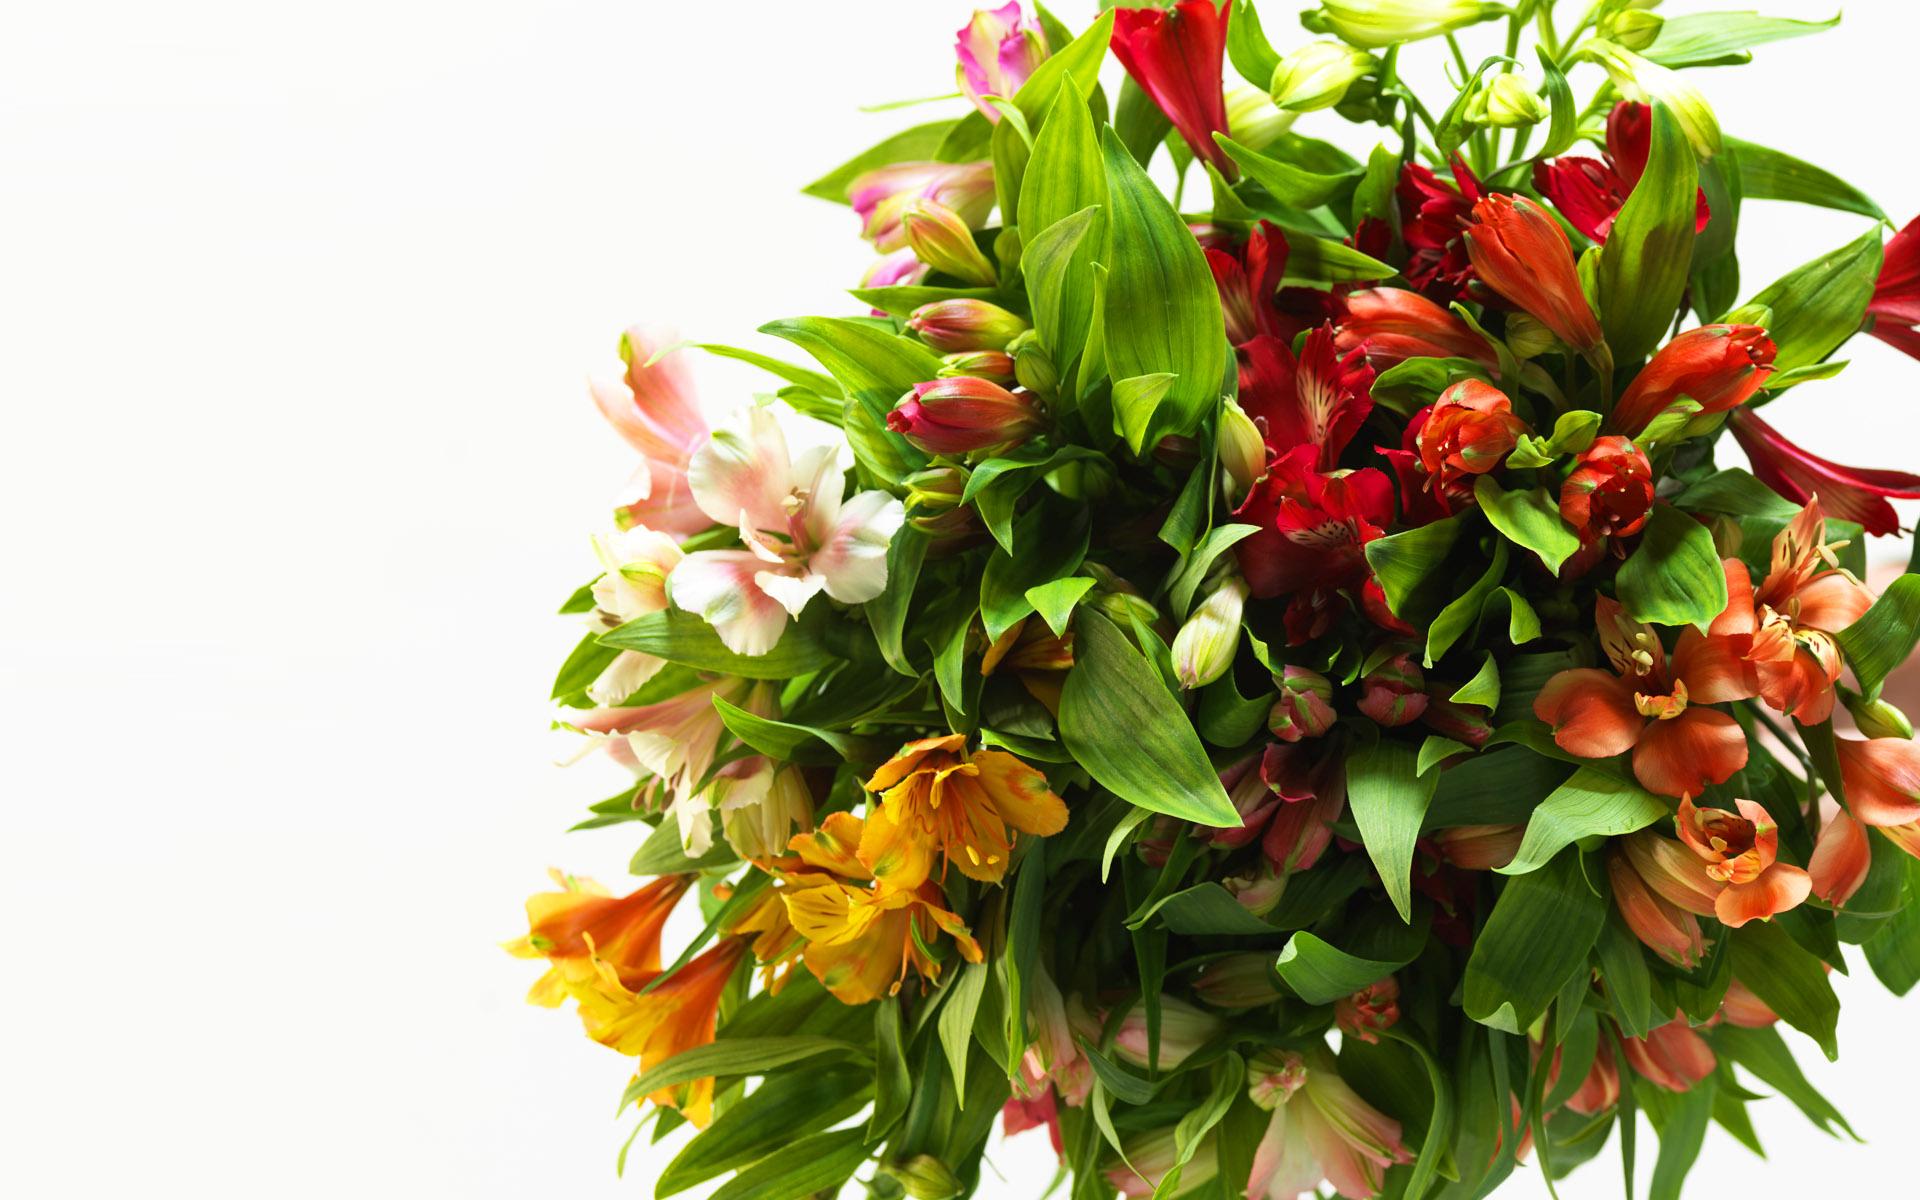 livraison fleur le dimanche l 39 atelier des fleurs. Black Bedroom Furniture Sets. Home Design Ideas